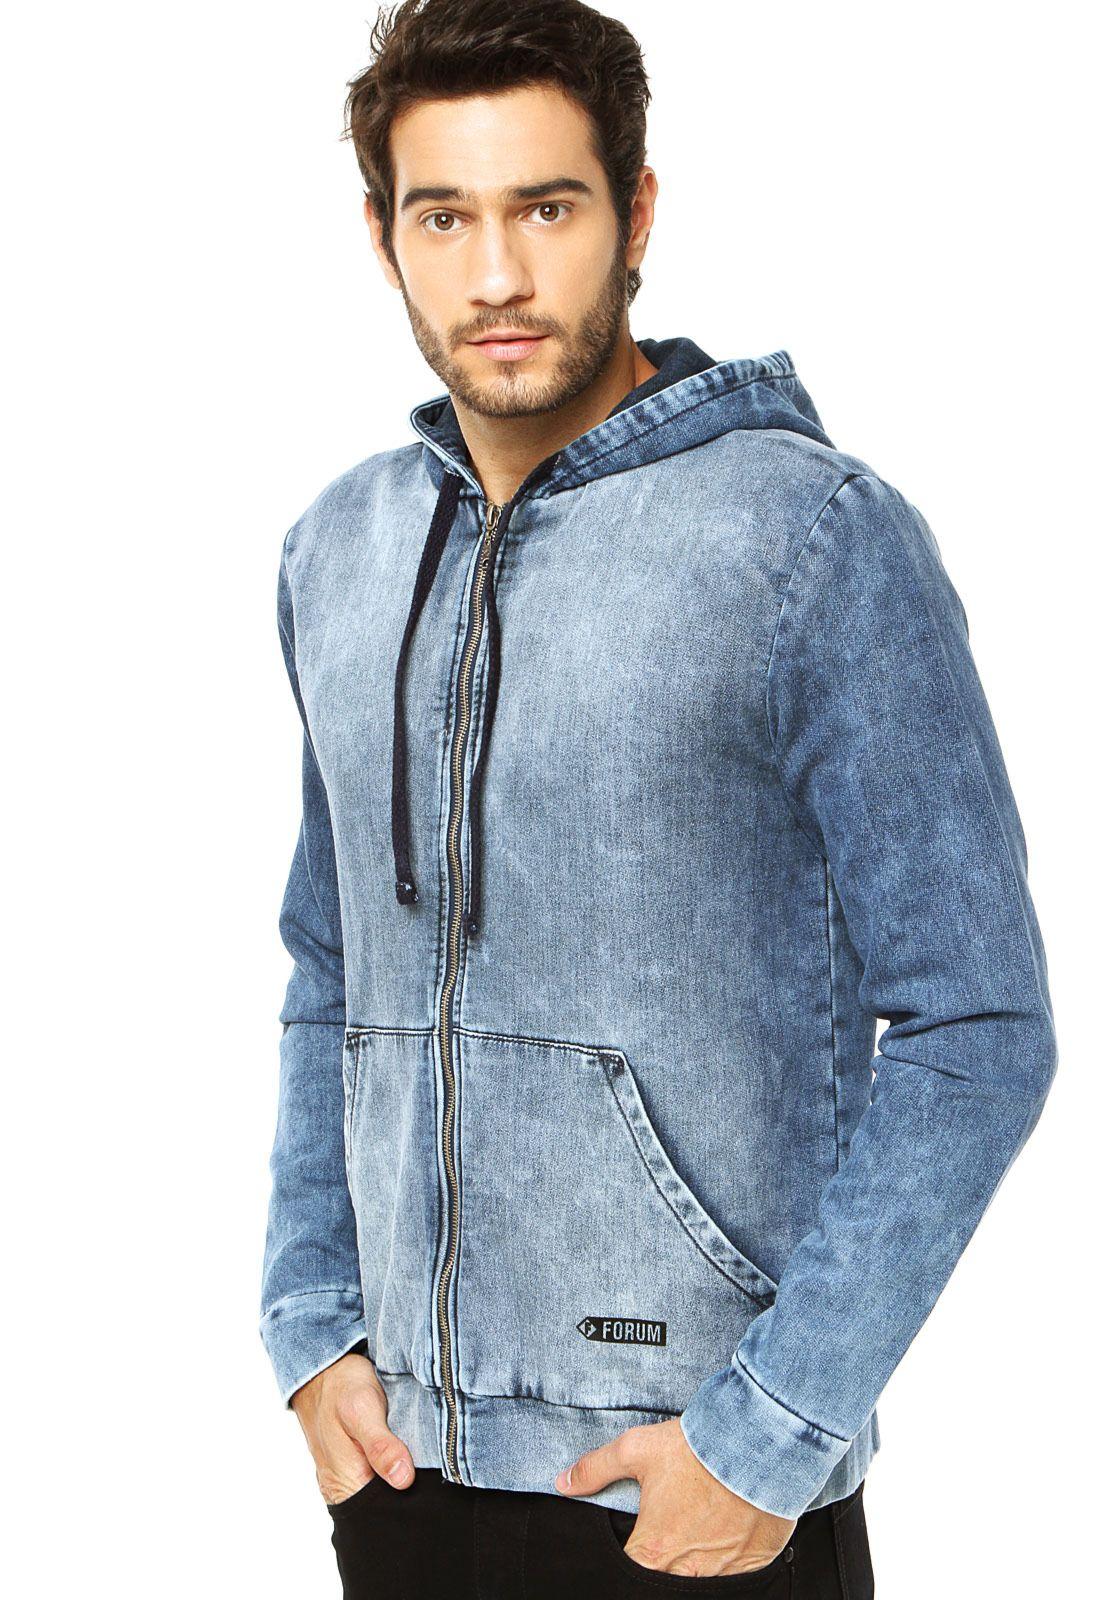 Jaqueta Jeans Forum Azul - Compre Agora  6172bf06459